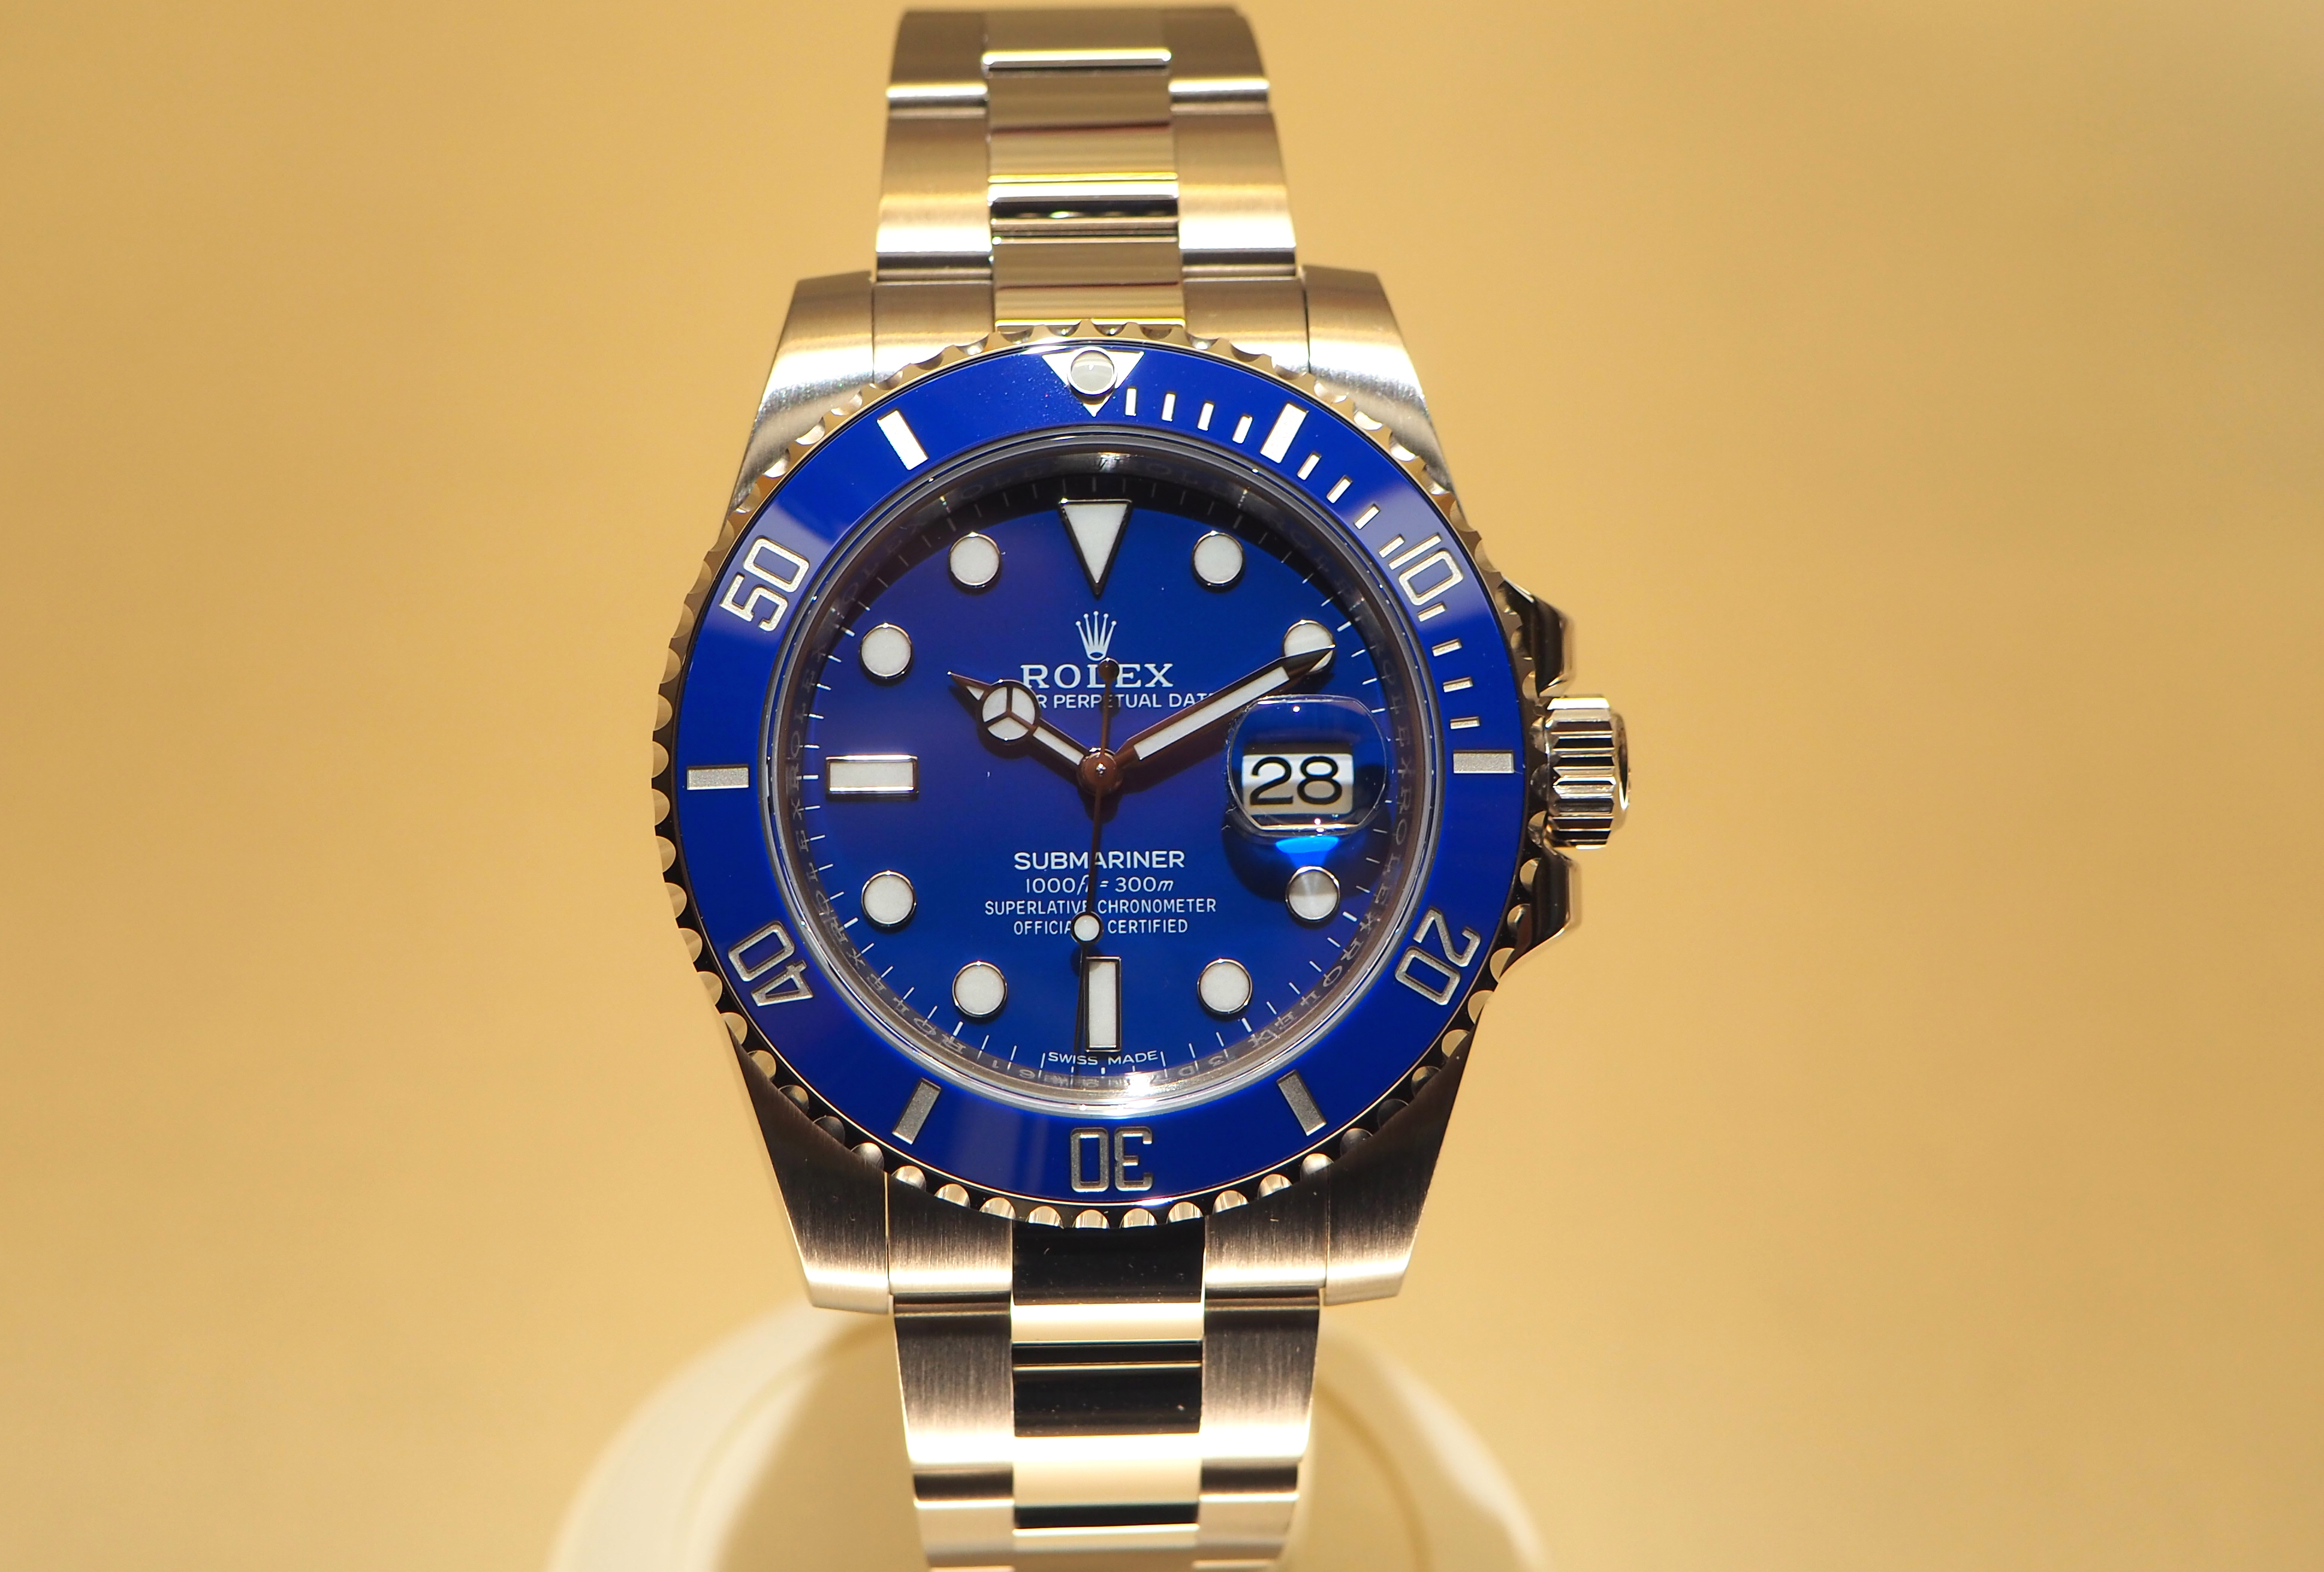 Rolex Submariner Photo